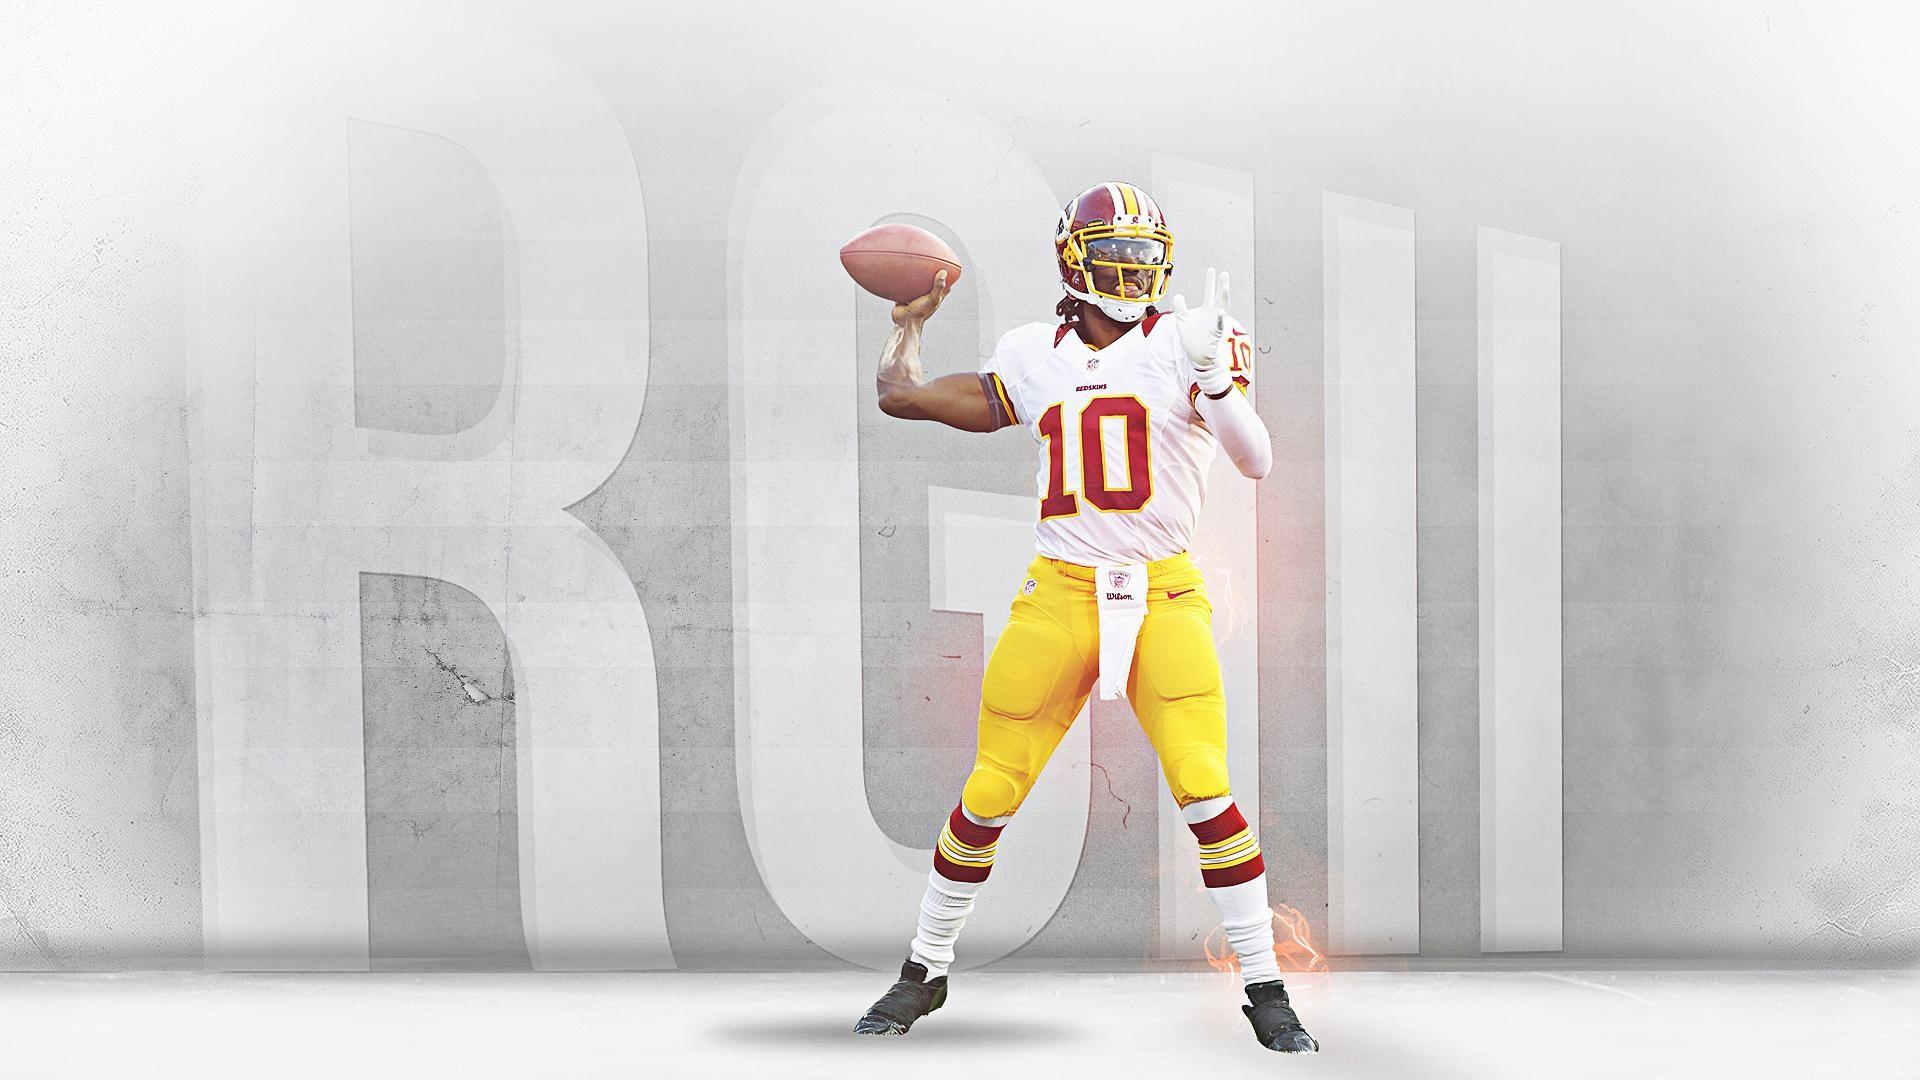 Washington Redskins Wallpaper – WallpaperSafari